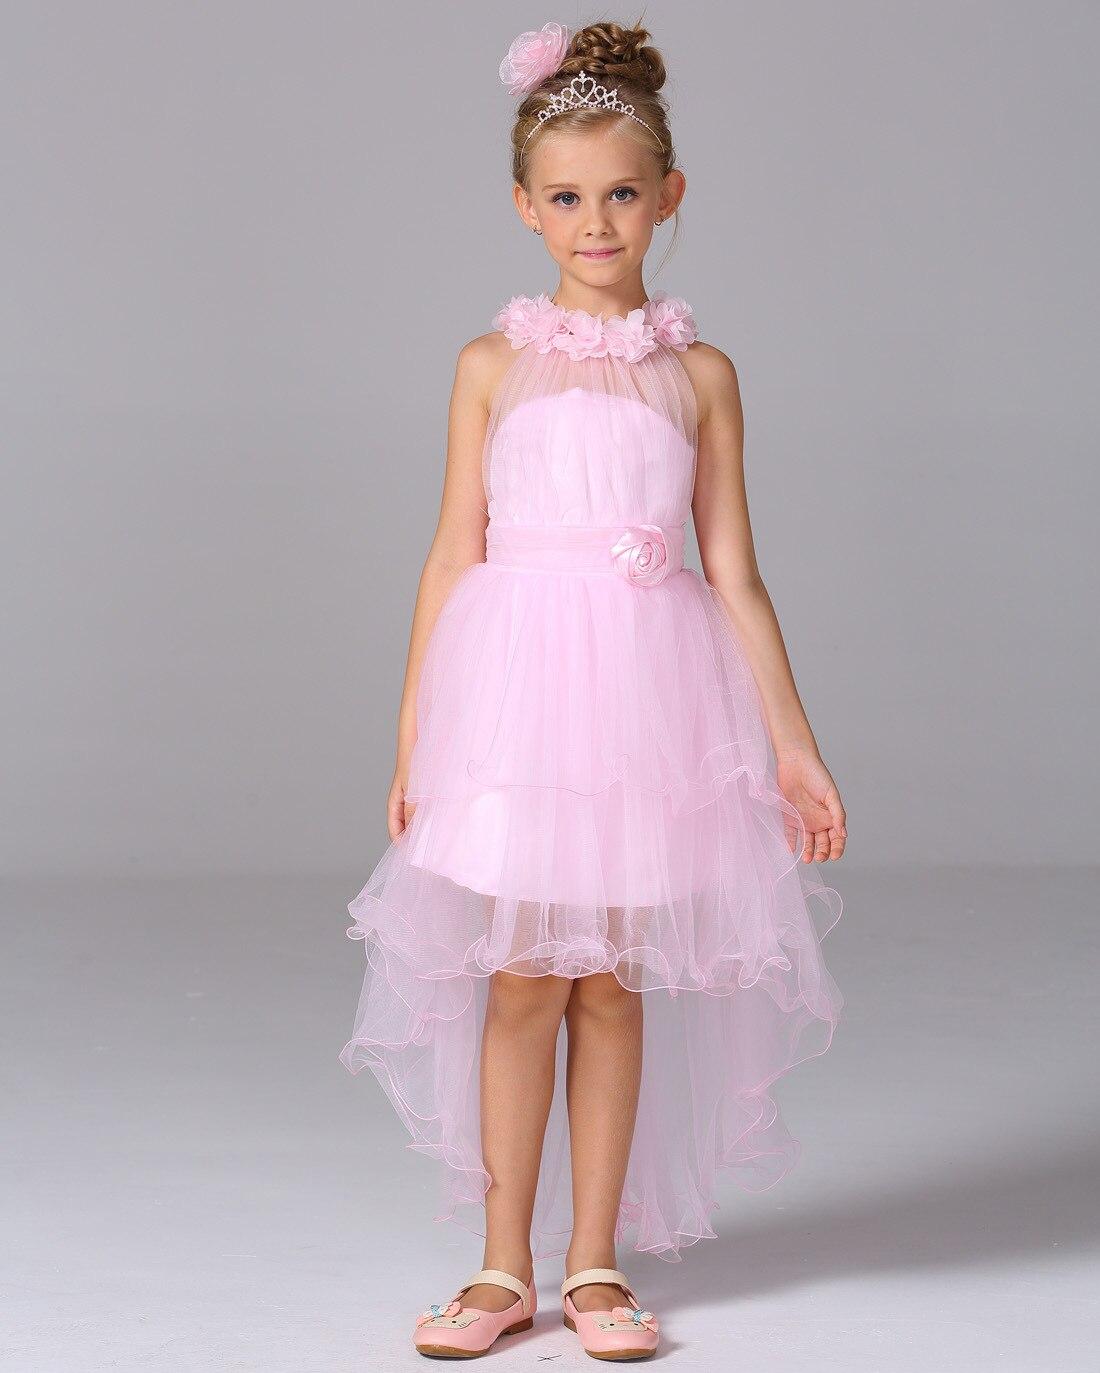 Ziemlich Ayda Field Wedding Dress Bilder - Hochzeit Kleid Stile ...